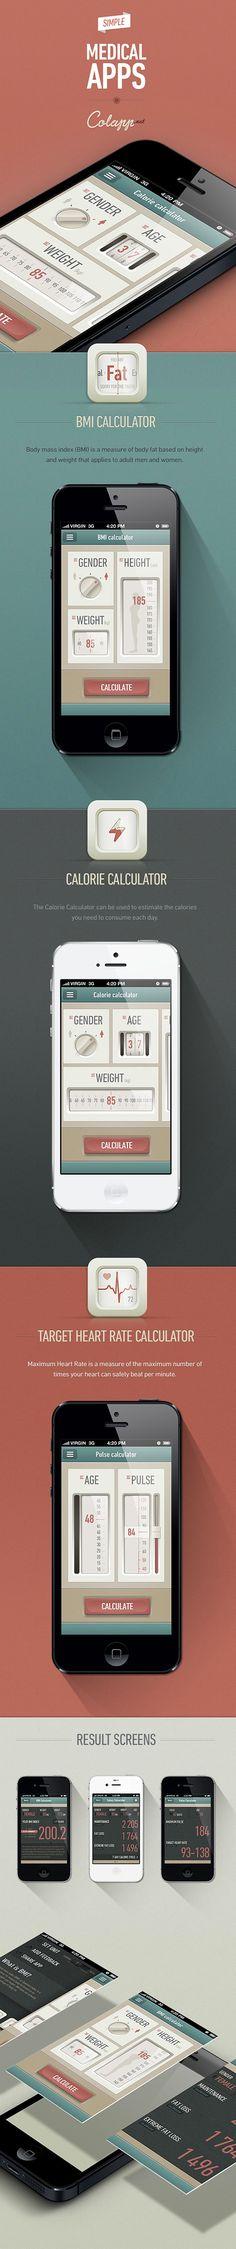 Mobile Design - UI/UX